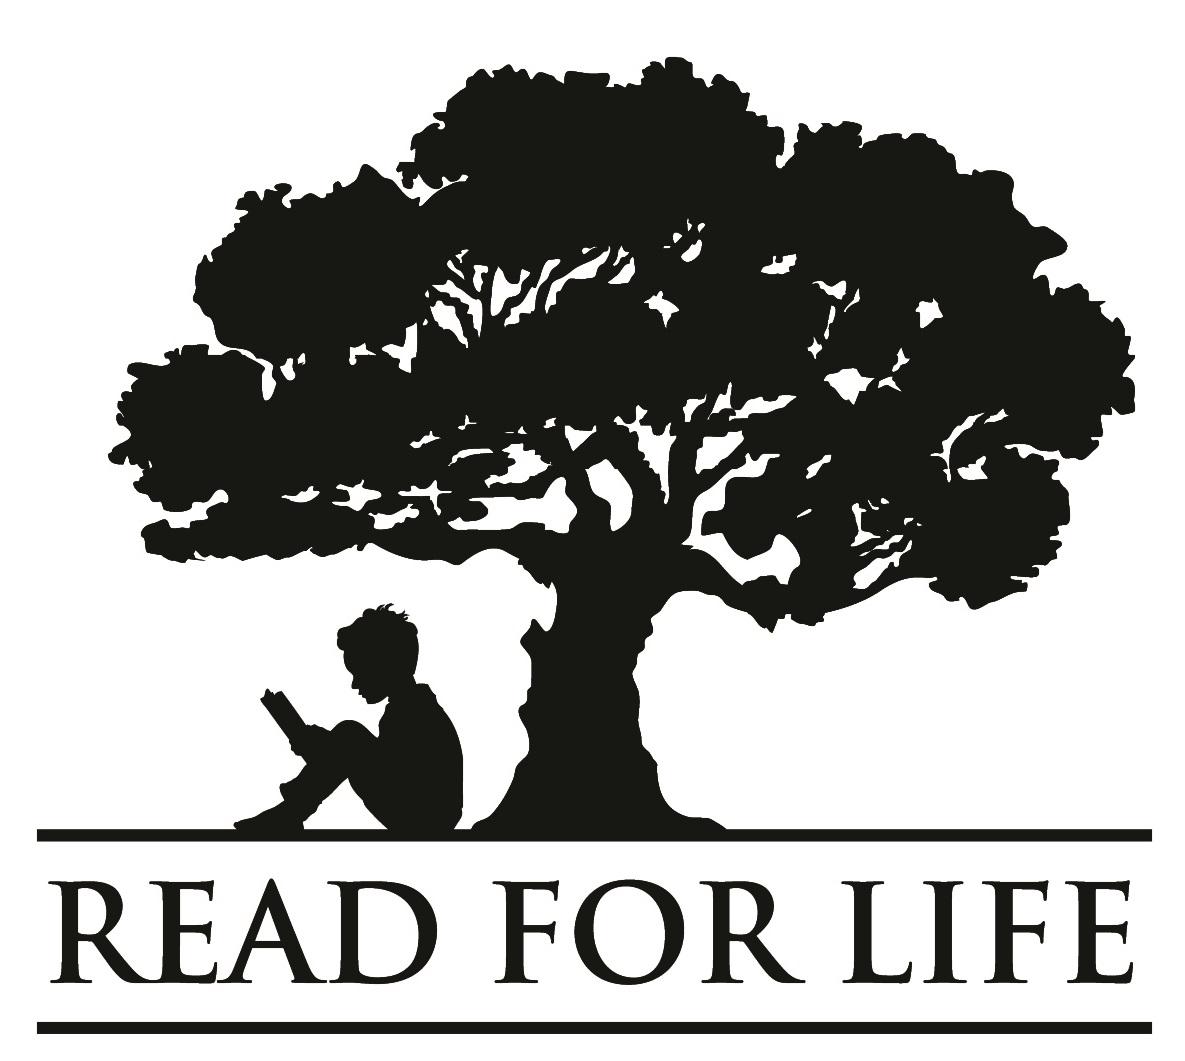 READFORLIFE-tree.jpg